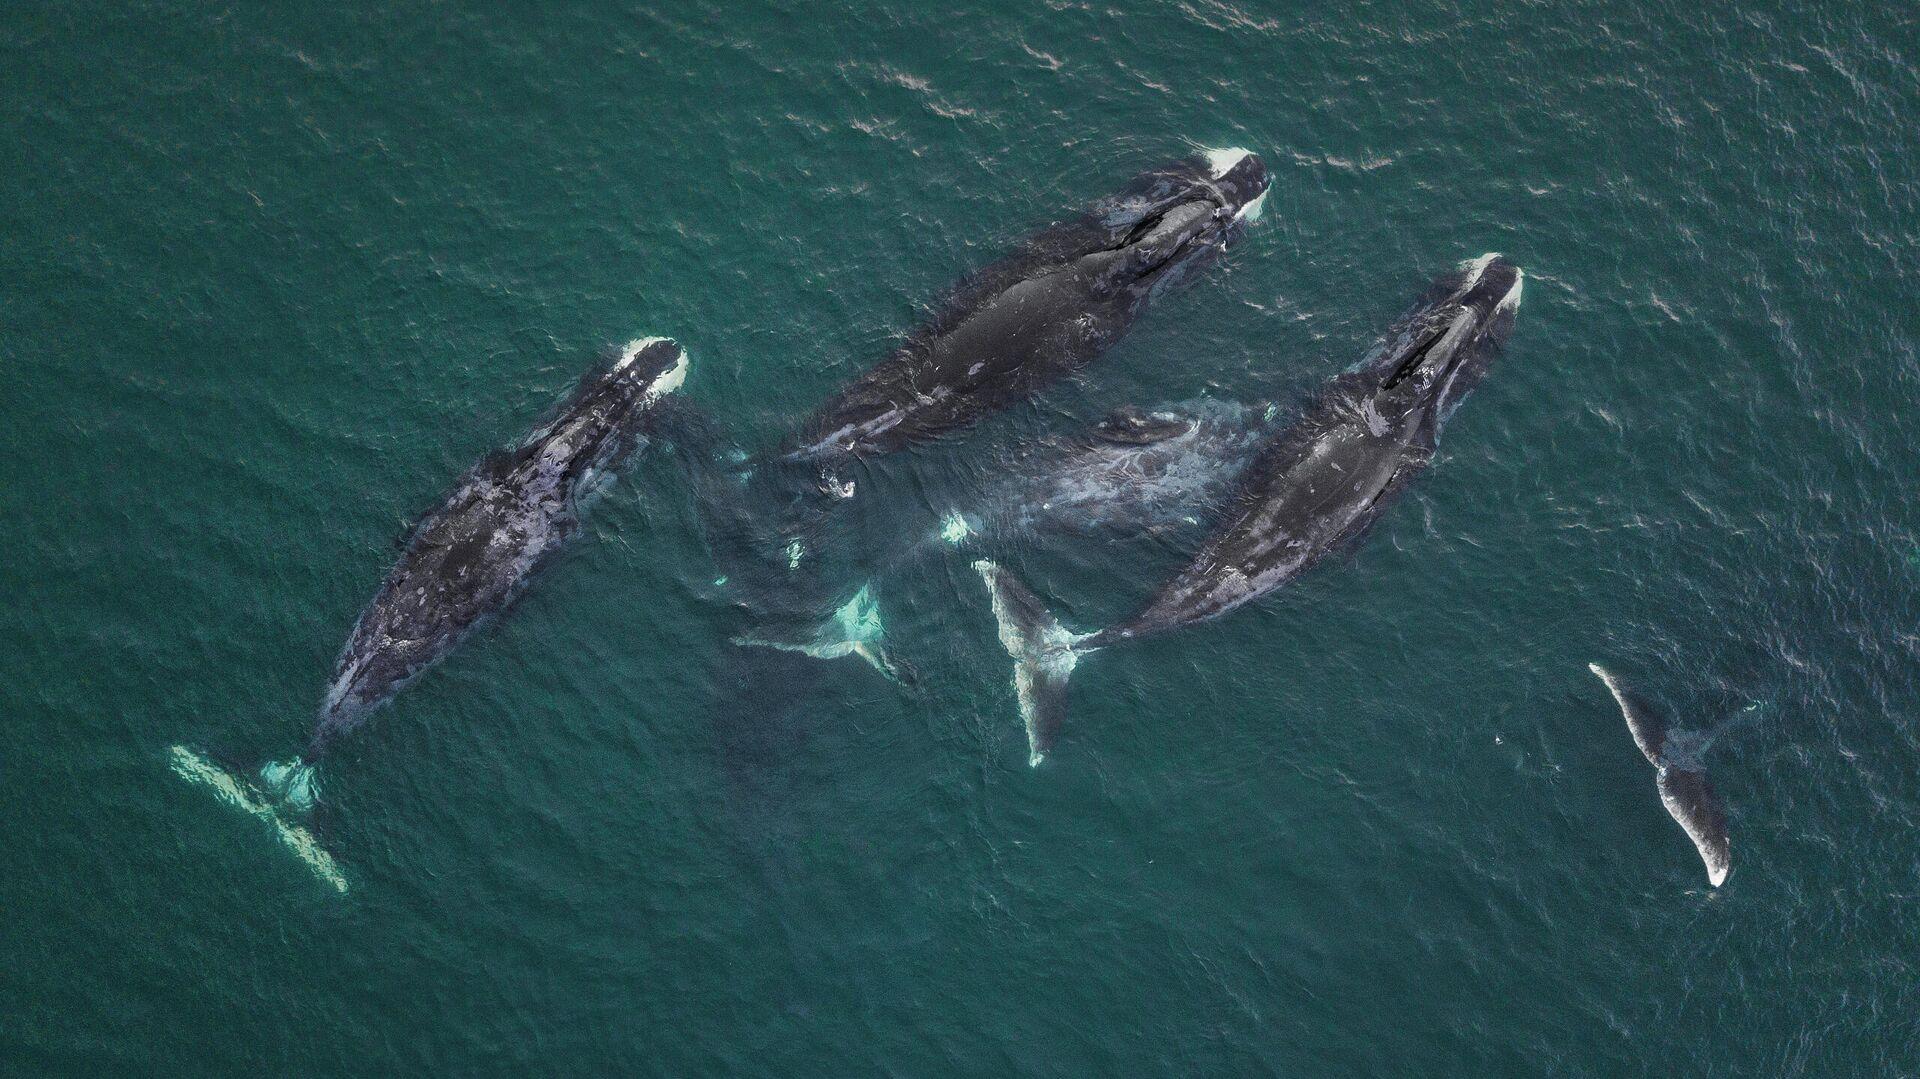 Шантары. Гренландские киты - РИА Новости, 1920, 07.08.2020